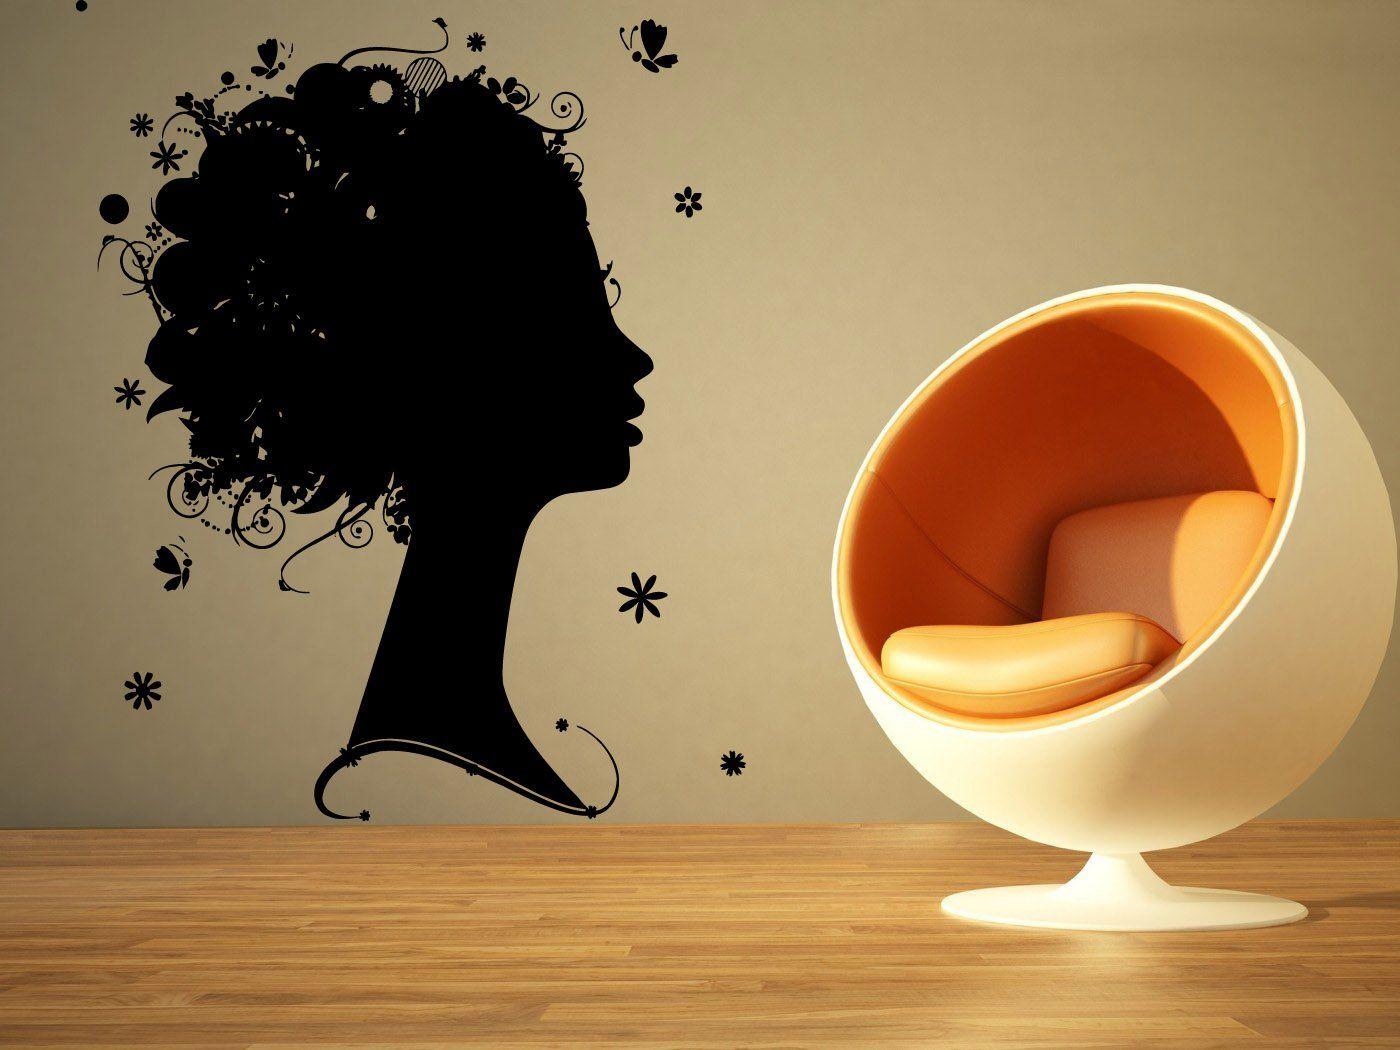 Wall Room Decor Art Vinyl Sticker Mural Decal Hair Beauty Salon Girl ...